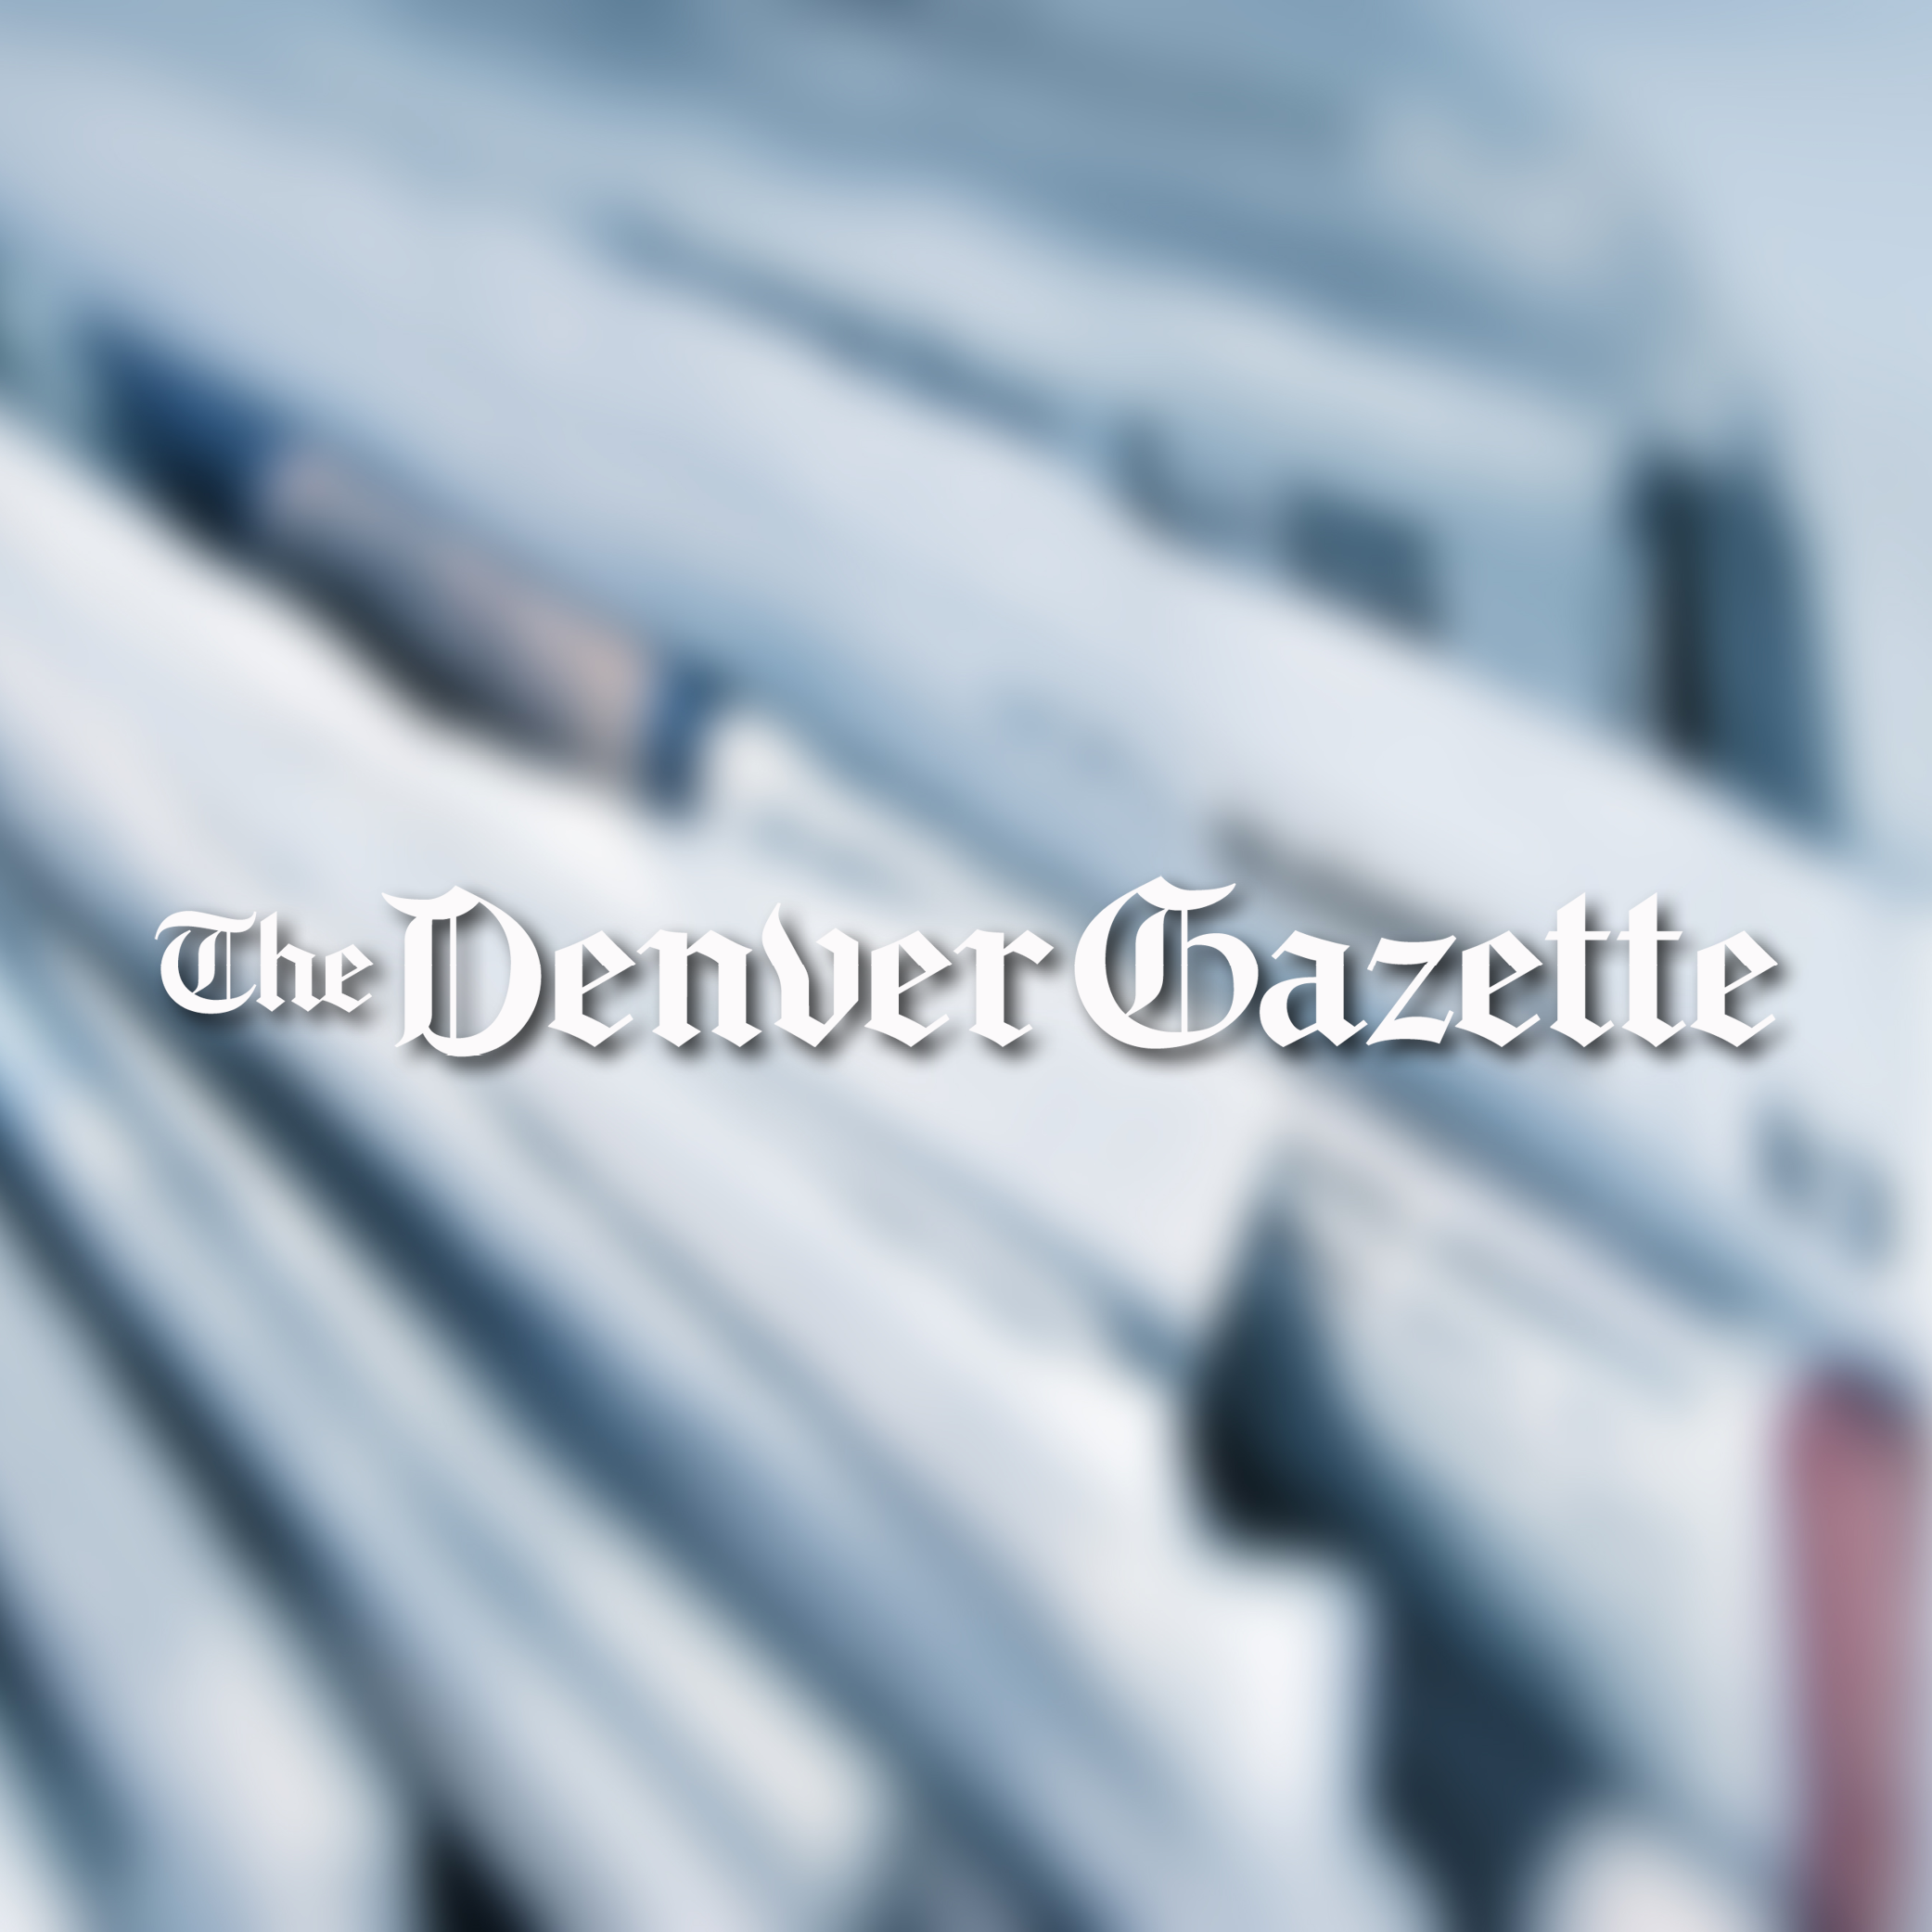 Denver Gazette